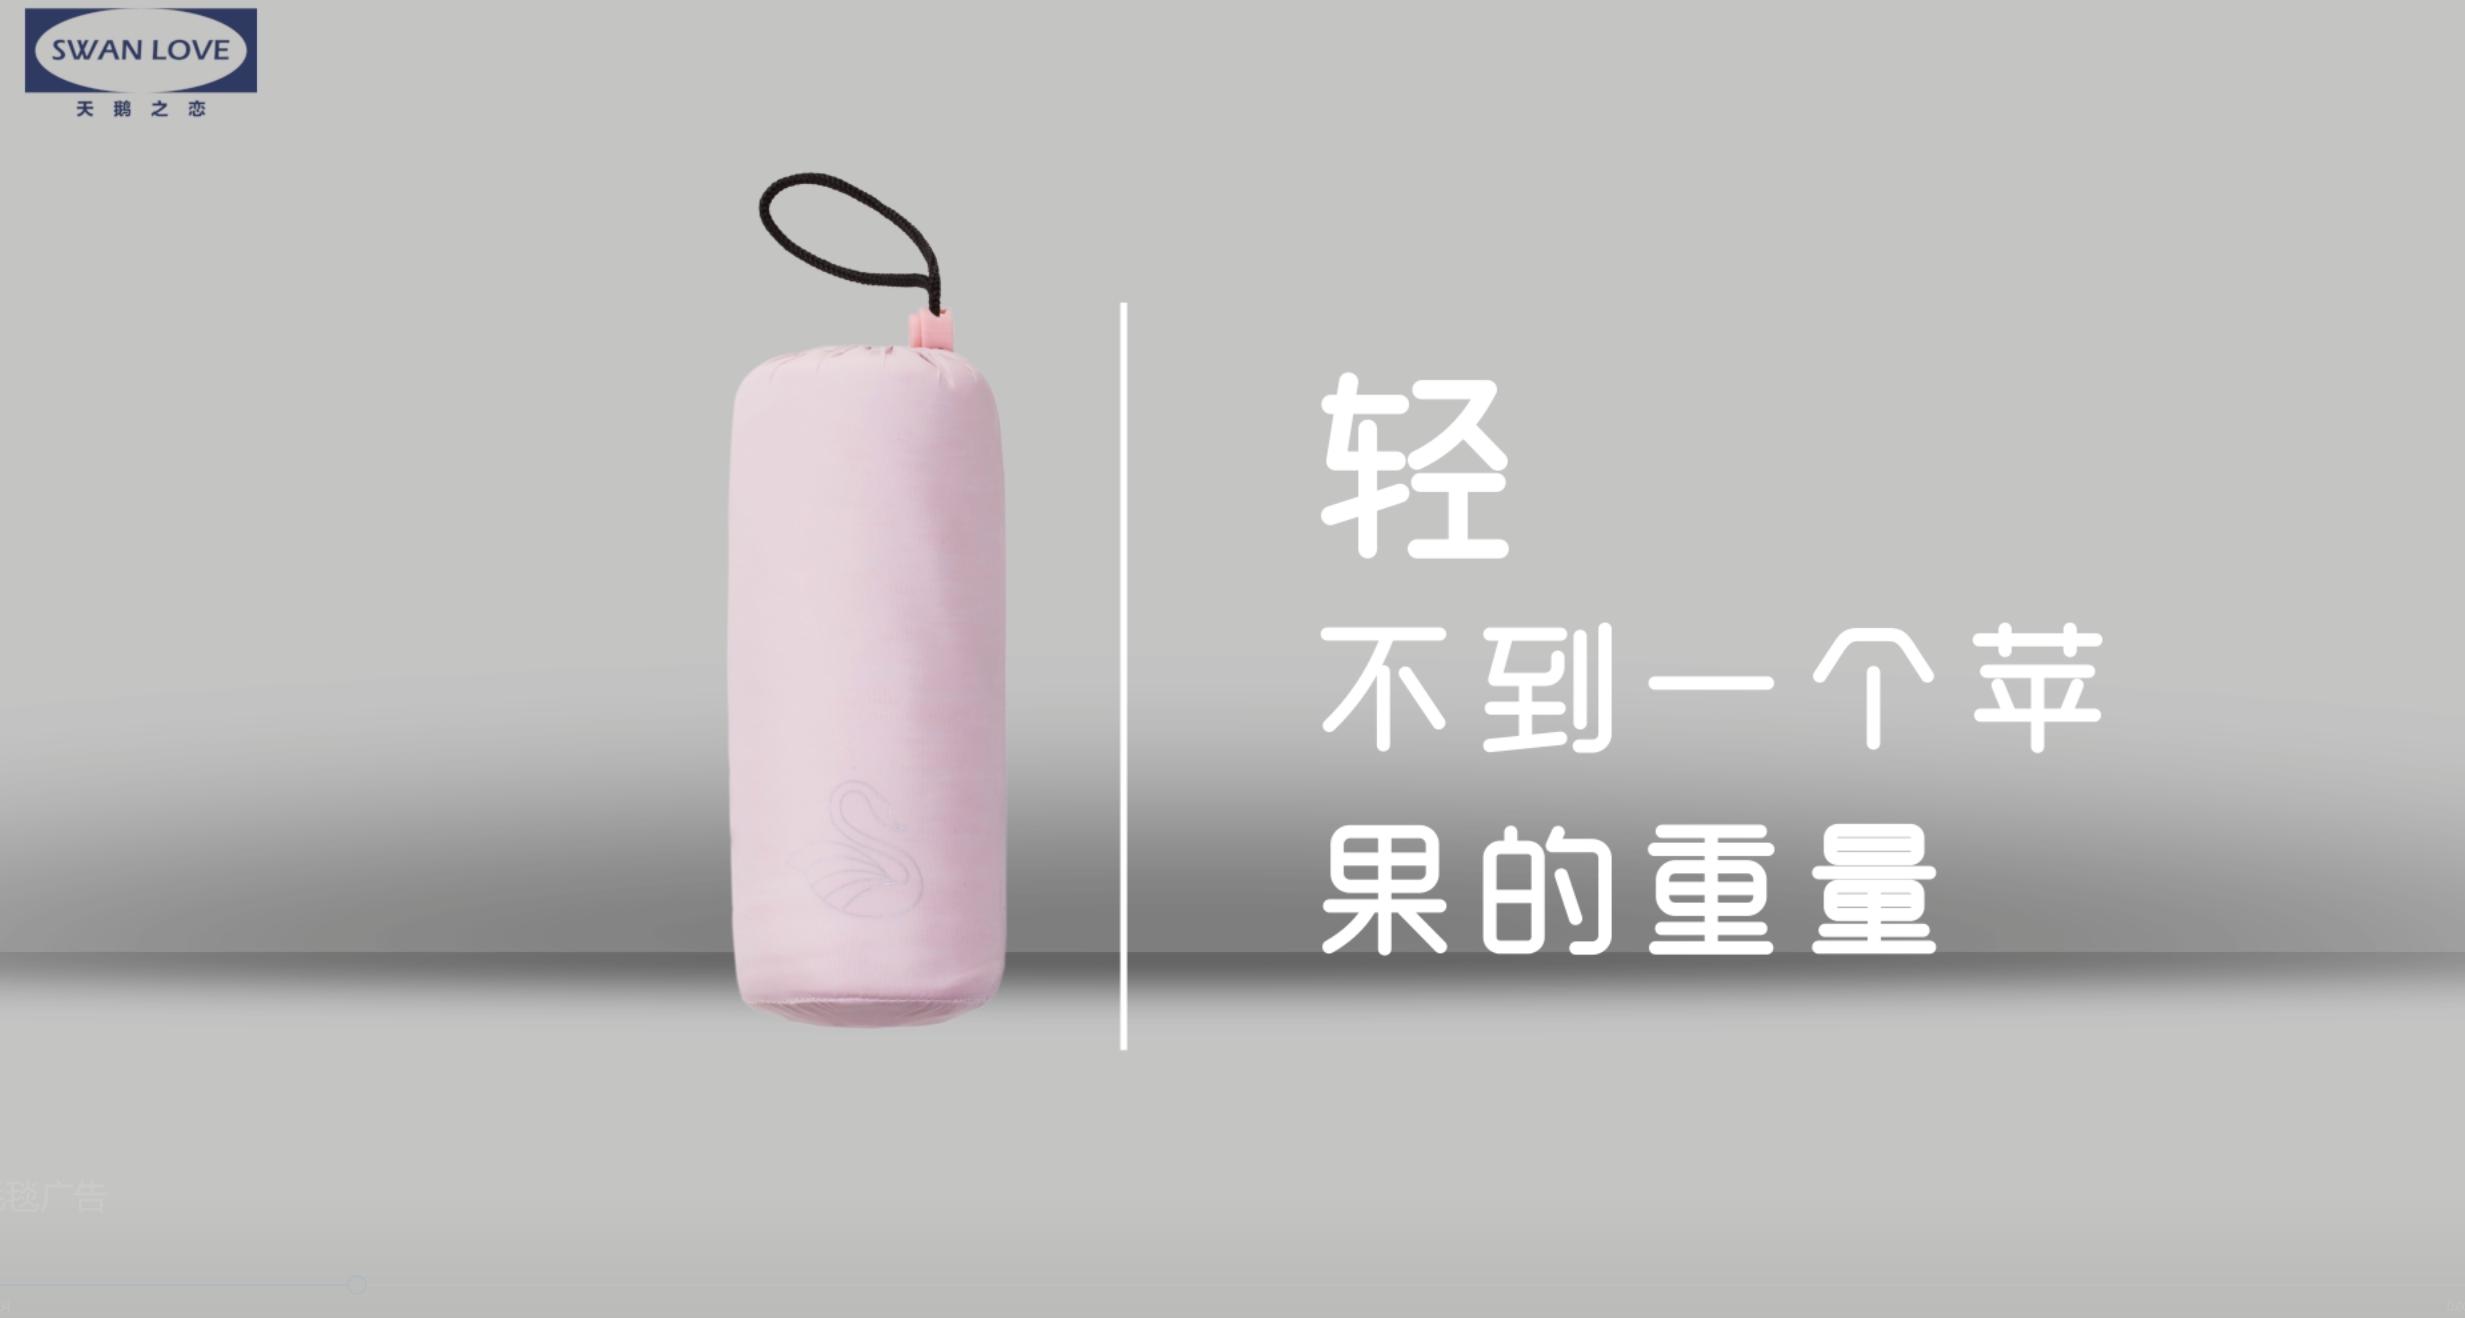 天鵝之戀毛毯廣告